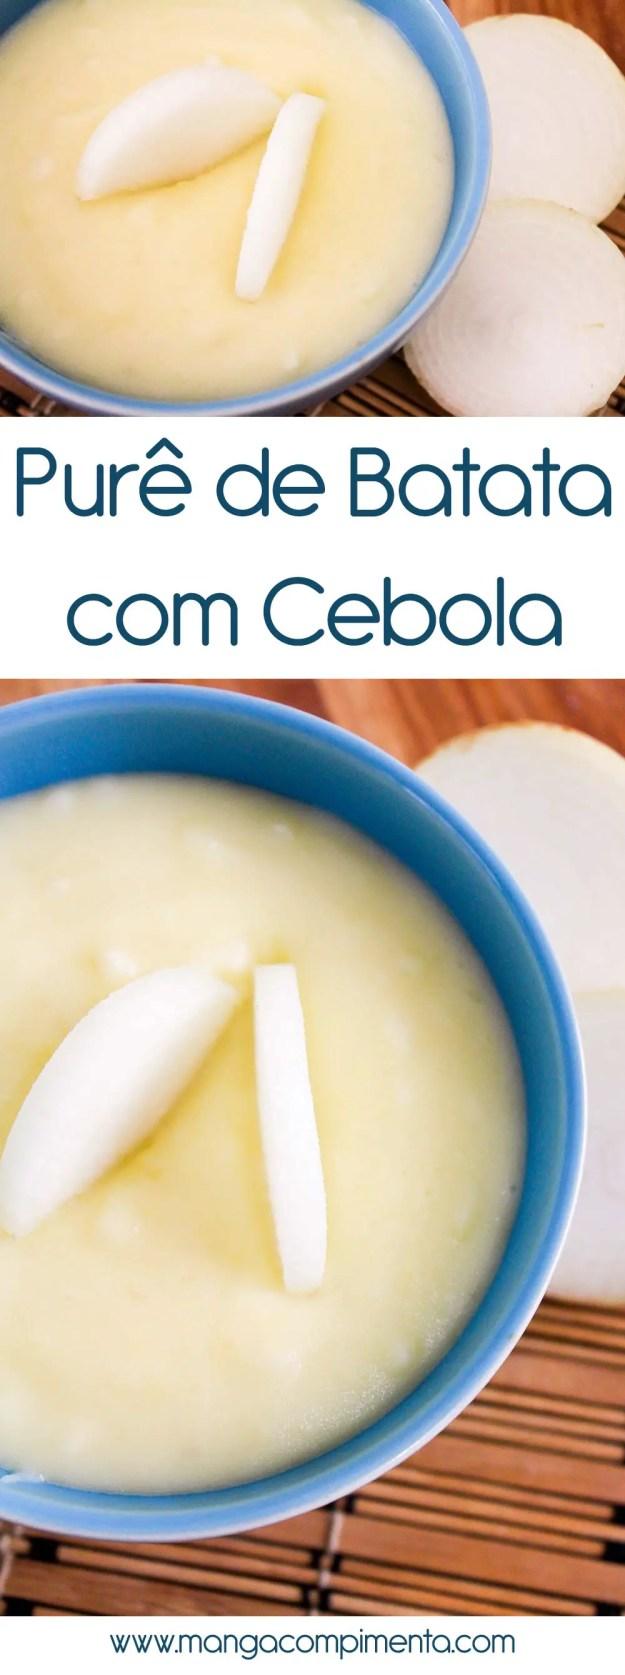 Purê de Batata com Cebola - cheia de sabor para acompanhar qualquer refeição!